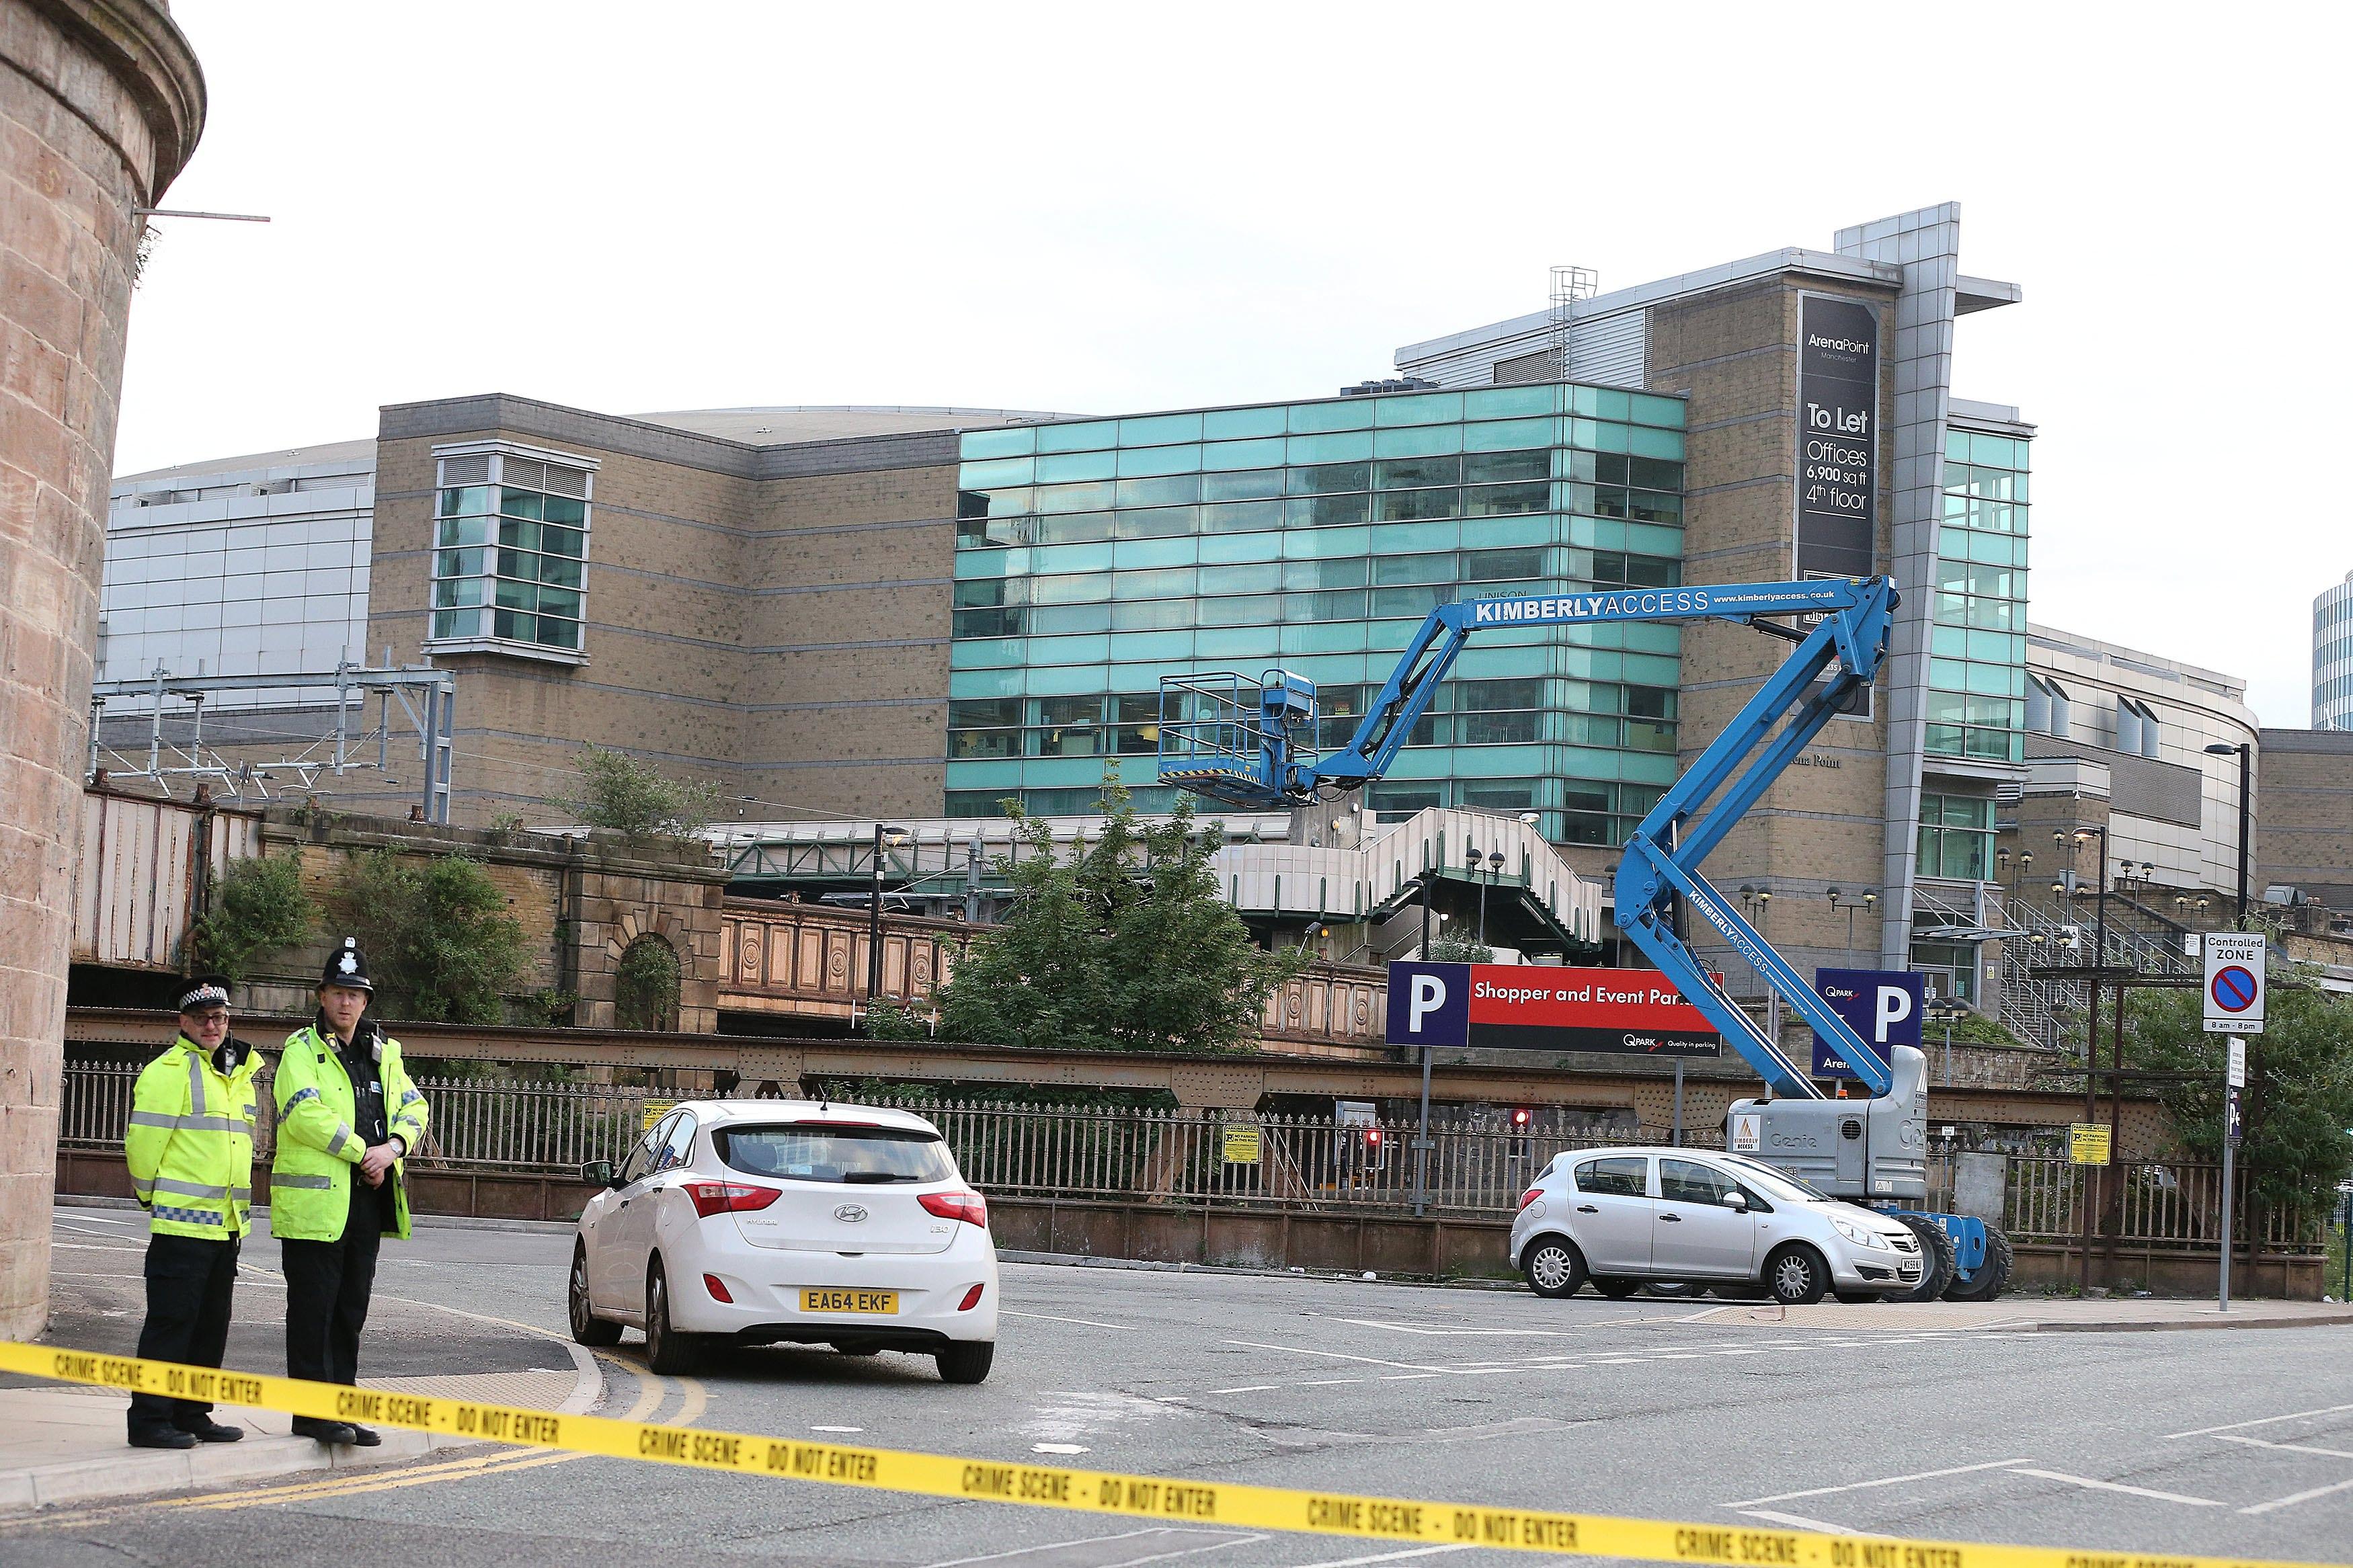 На сутринта след атентата британската полиция все още изследва блокирания район около залата. Посетители на злополучния концерт си тръгват след дългата нощ.